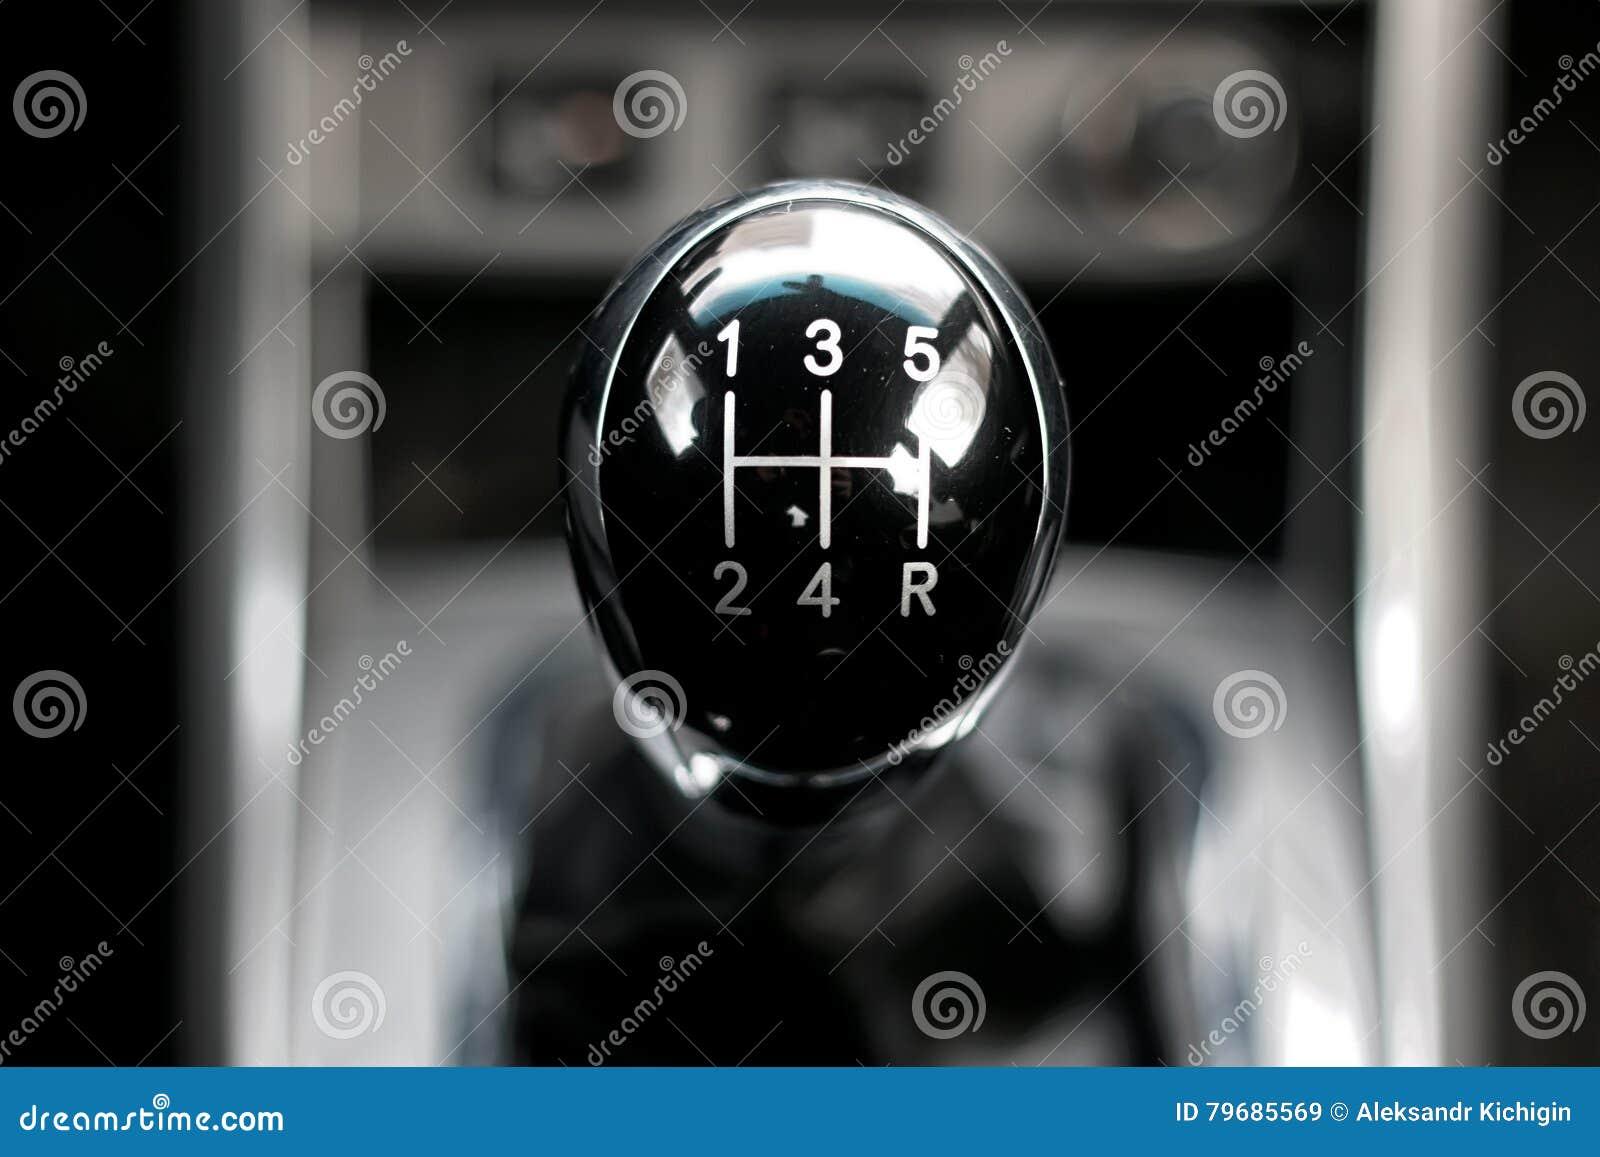 bo te de vitesse manuelle dans la voiture image stock image du chrome moteur 79685569